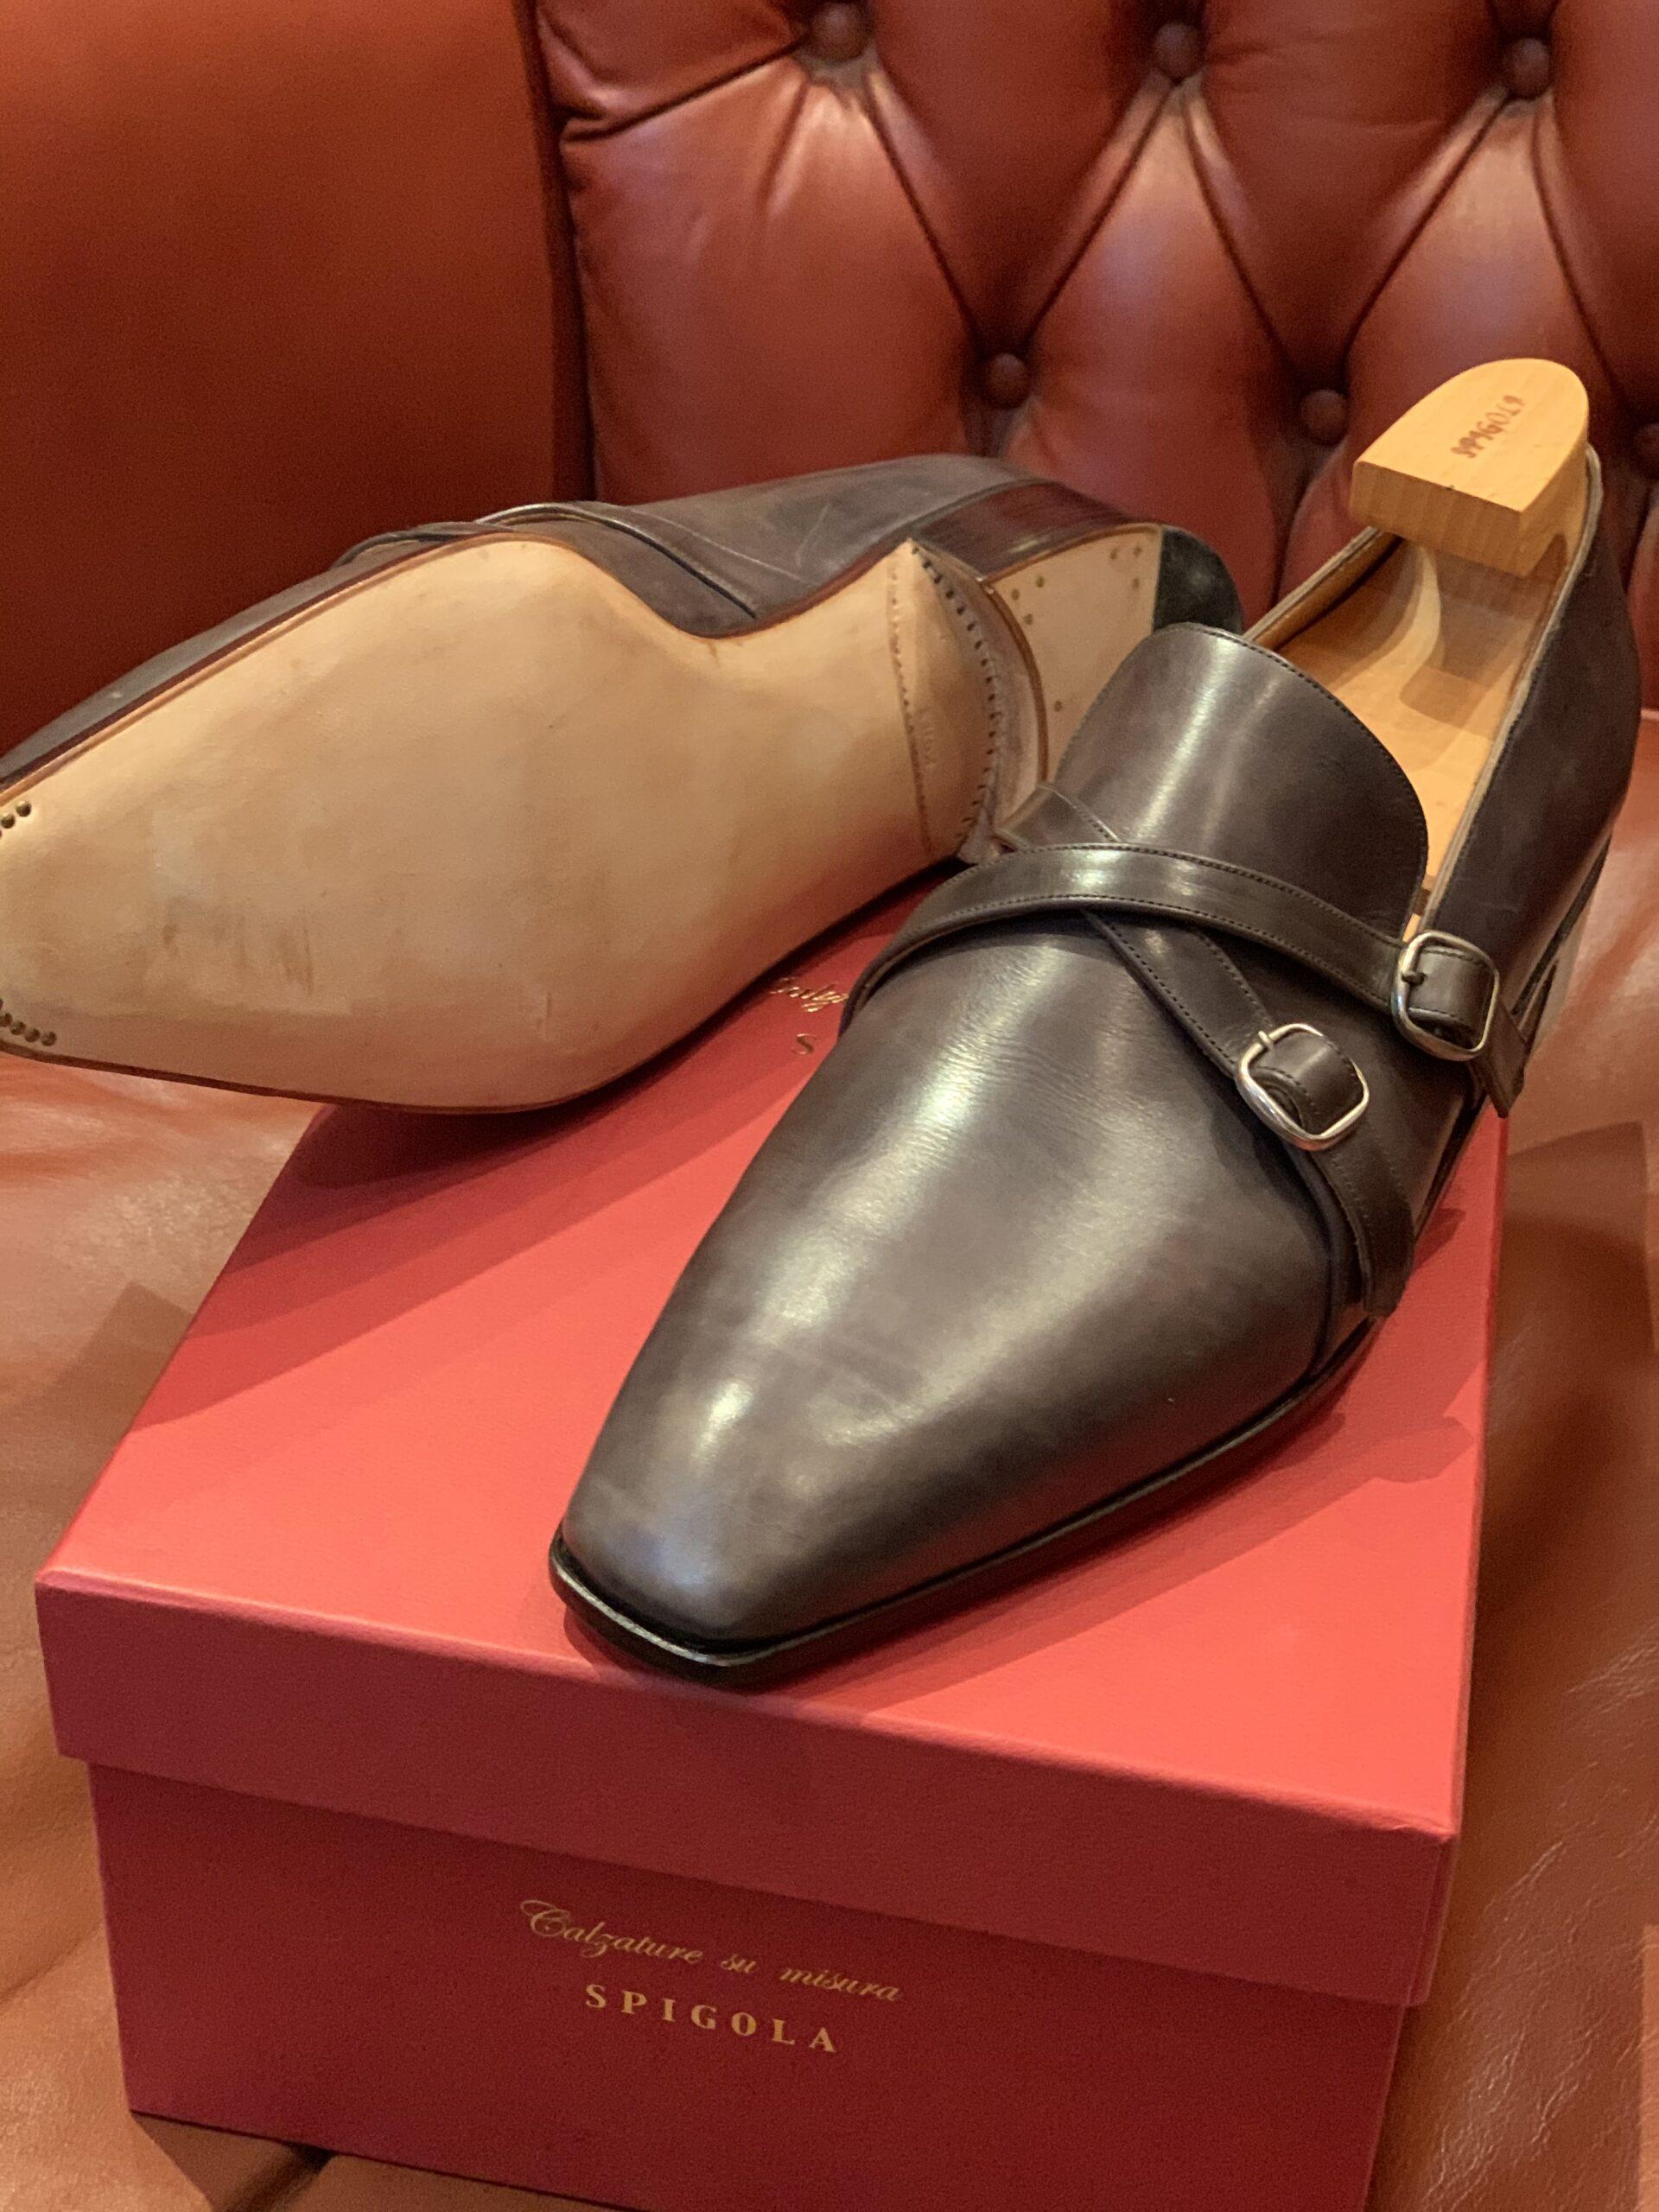 正統な紳士靴を嗜むvol.41〜日本の注文靴代表格スピーゴラ